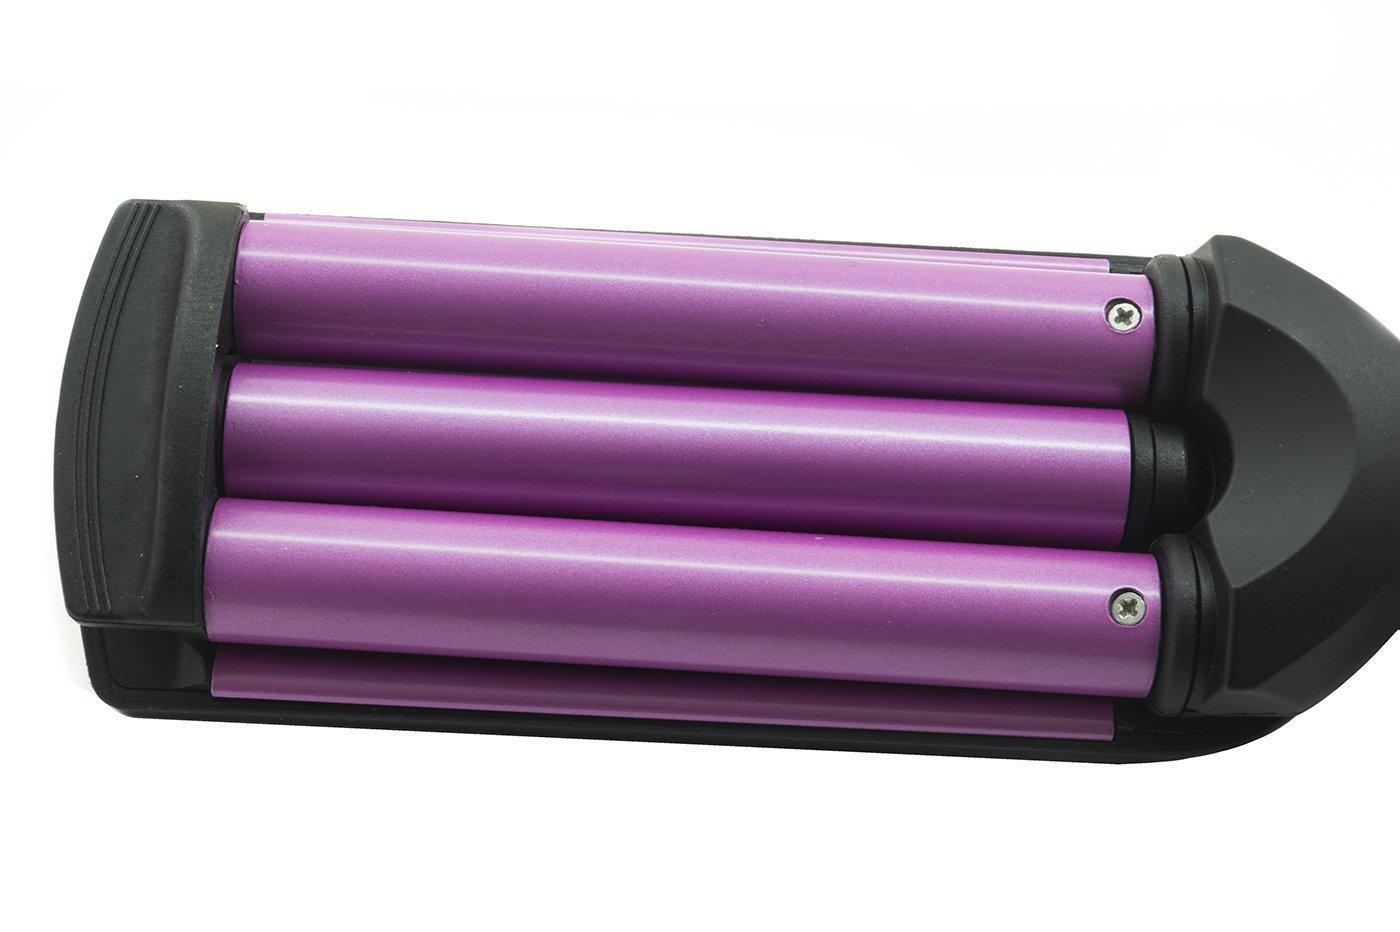 Plancha de pelo, para un efecto ondulado, tubo triple, rizador SN-2022: Amazon.es: Iluminación